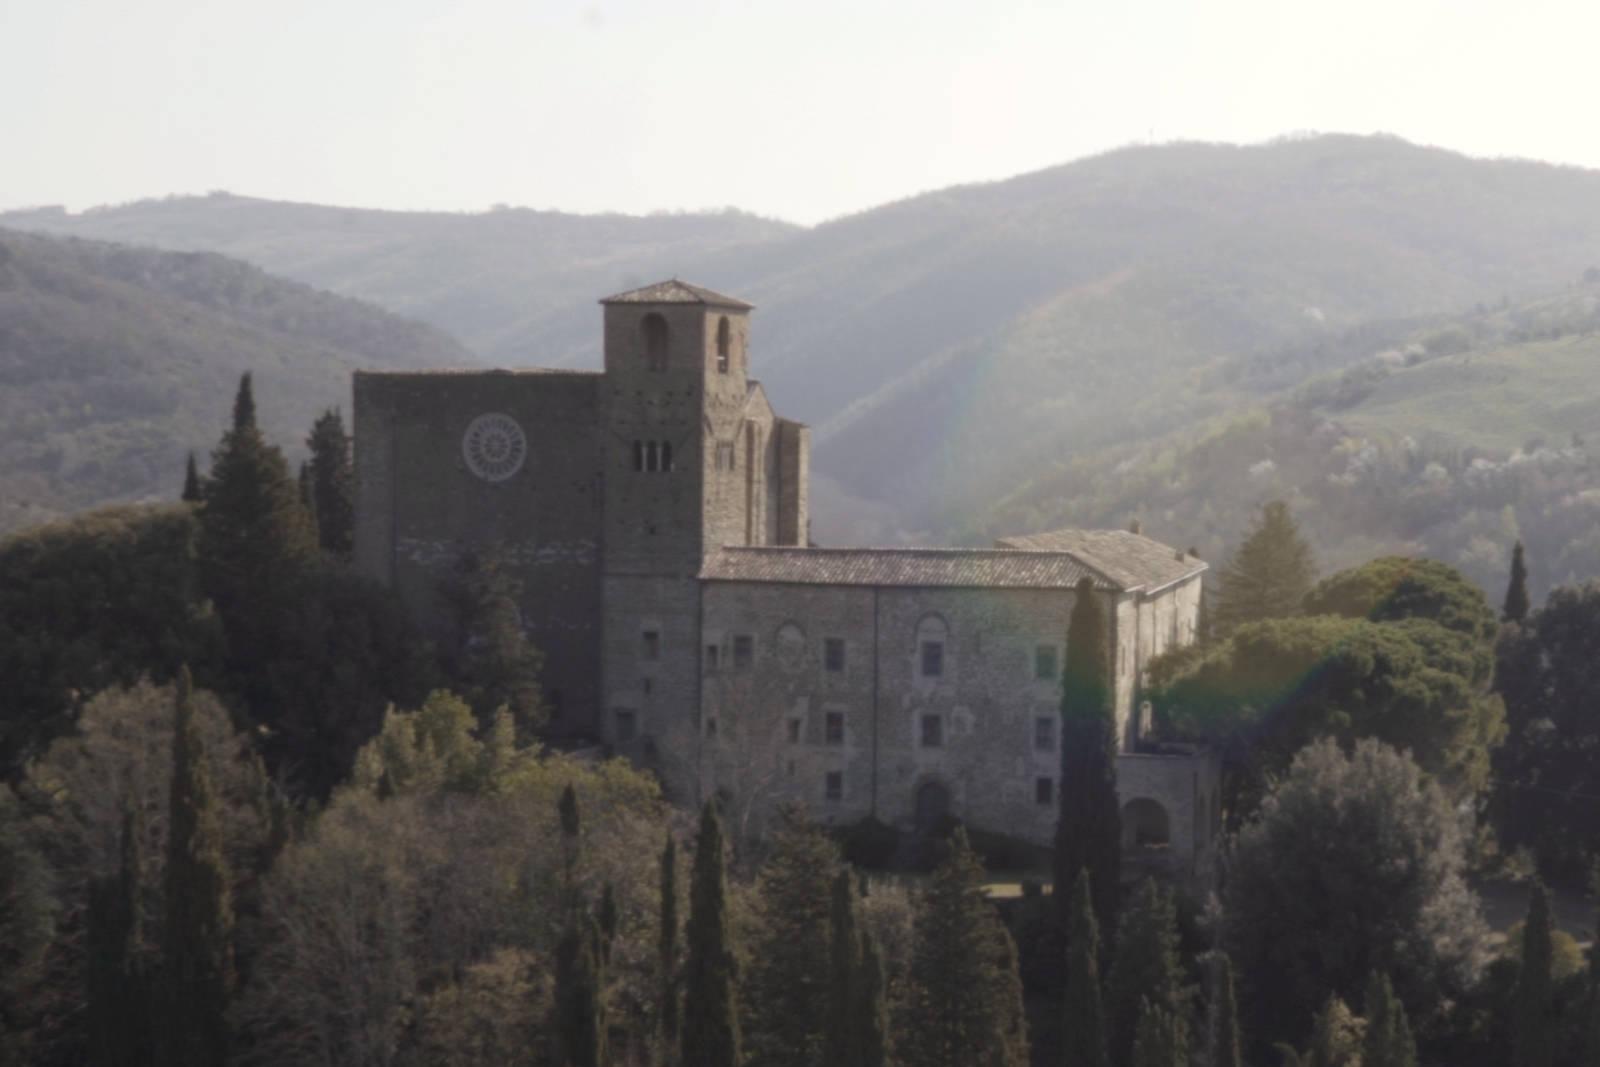 L'abbazia di Montelabate